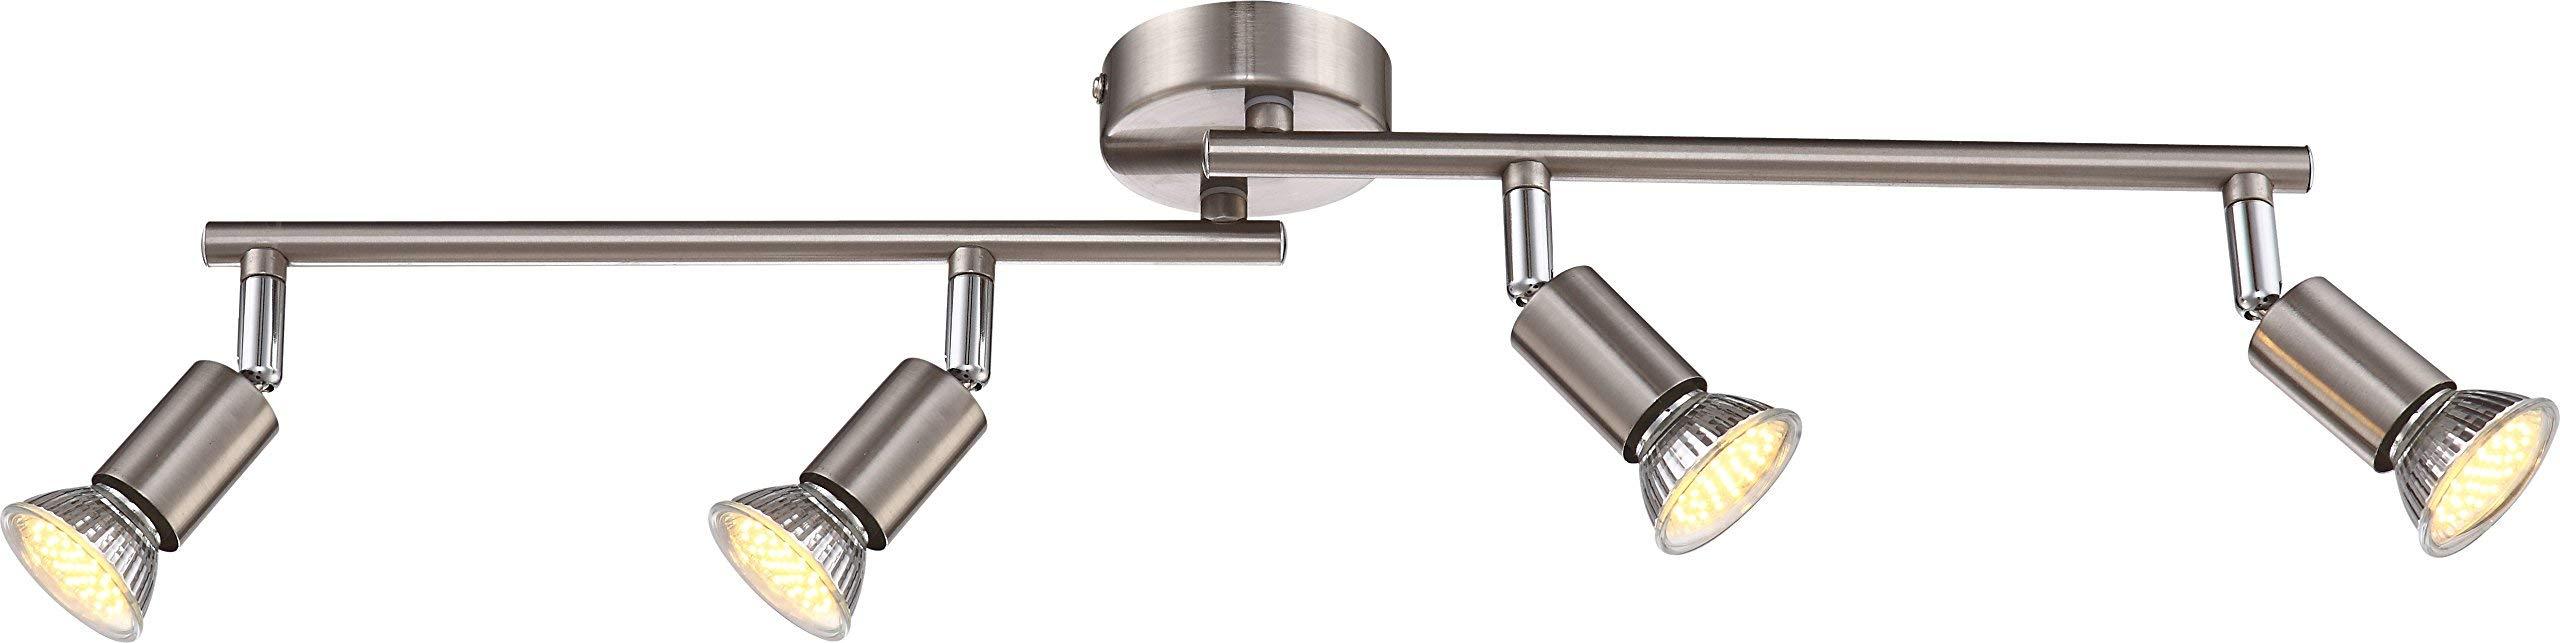 グロボGu10マトリックス4 LED集光システムシルバー57991-4